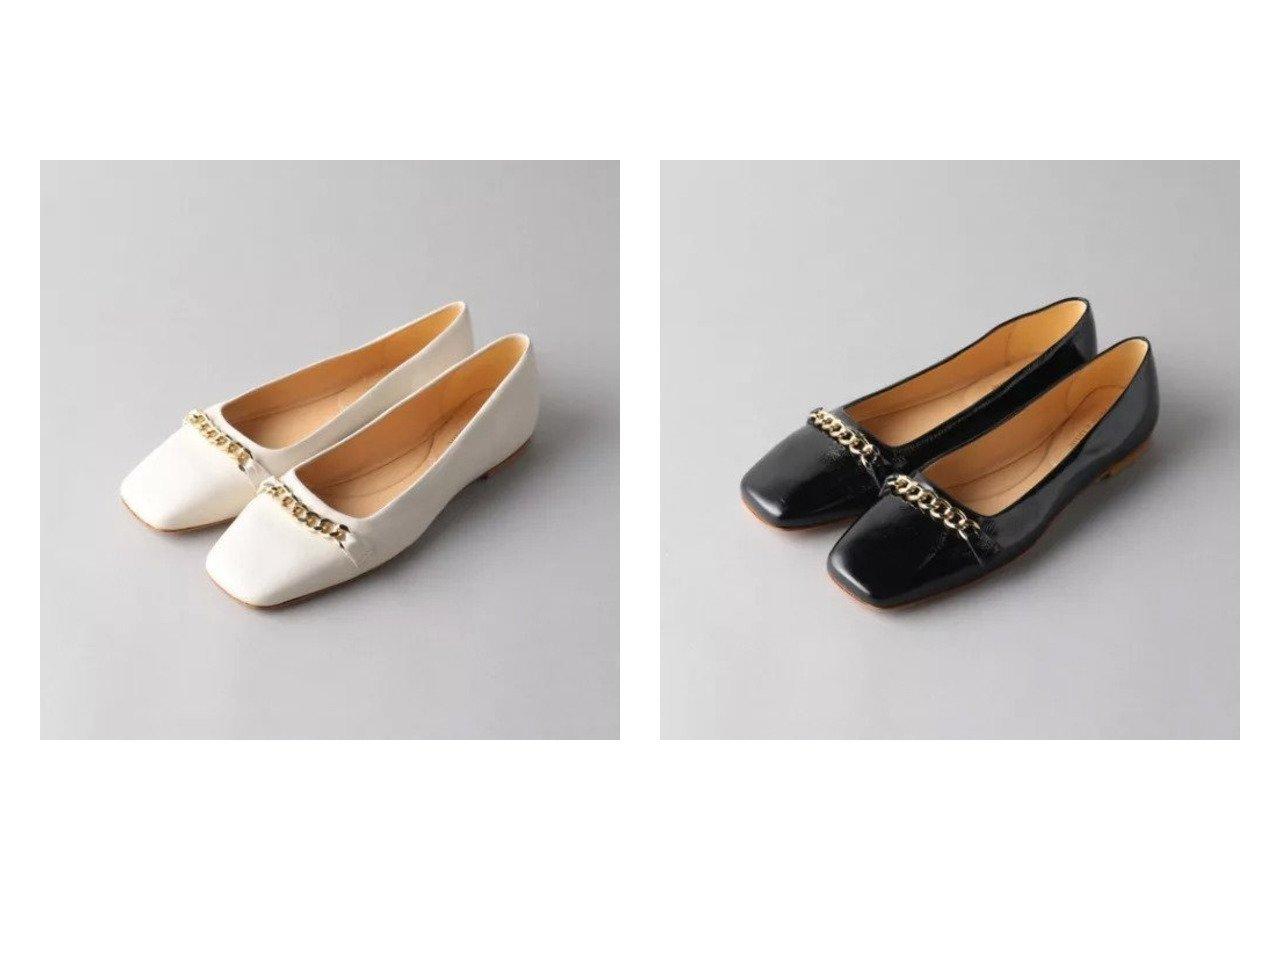 【Odette e Odile/オデット エ オディール】の【別注】FABIO RUSCONI chain FLT 【シューズ・靴】おすすめ!人気、トレンド・レディースファッションの通販 おすすめで人気の流行・トレンド、ファッションの通販商品 メンズファッション・キッズファッション・インテリア・家具・レディースファッション・服の通販 founy(ファニー) https://founy.com/ ファッション Fashion レディースファッション WOMEN シューズ チェーン フィット フラット 別注  ID:crp329100000028145